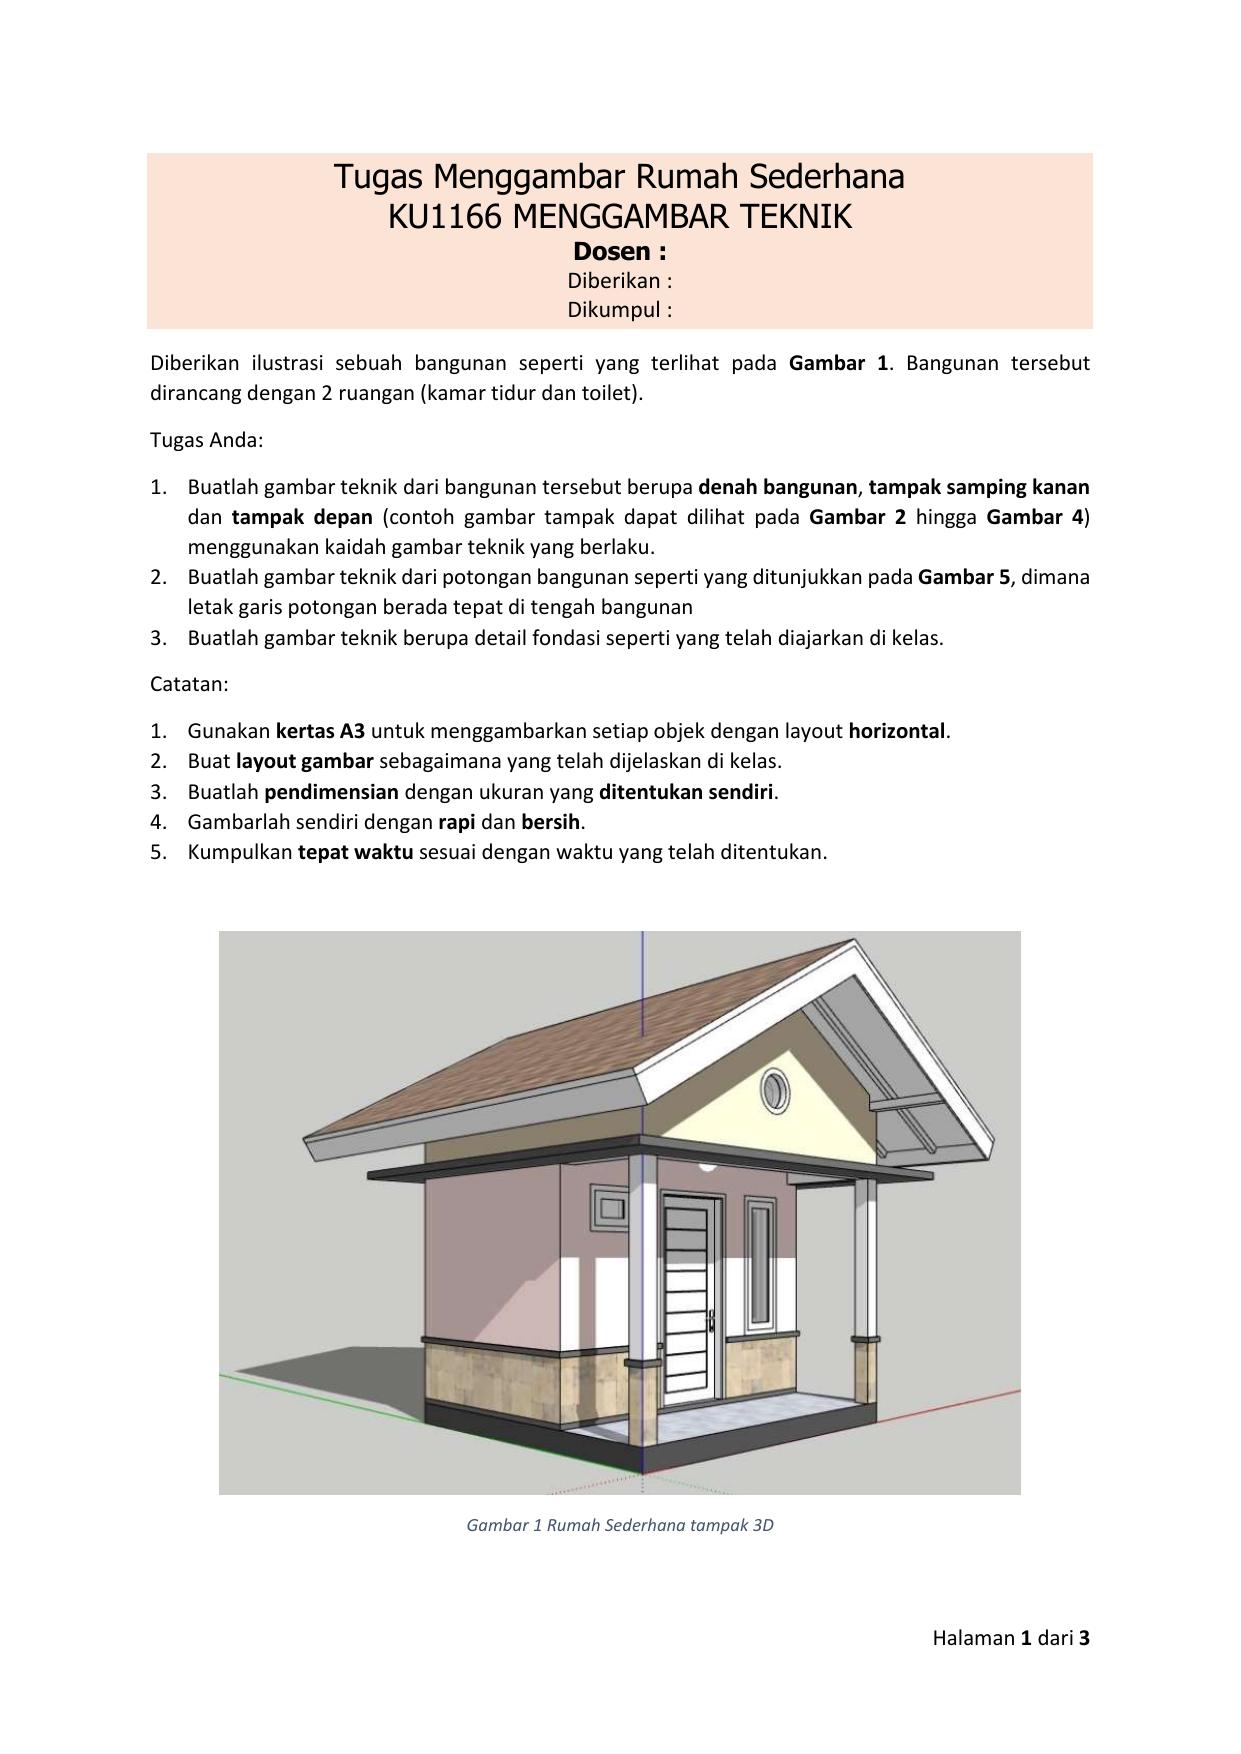 Top Five Menggambar Rumah